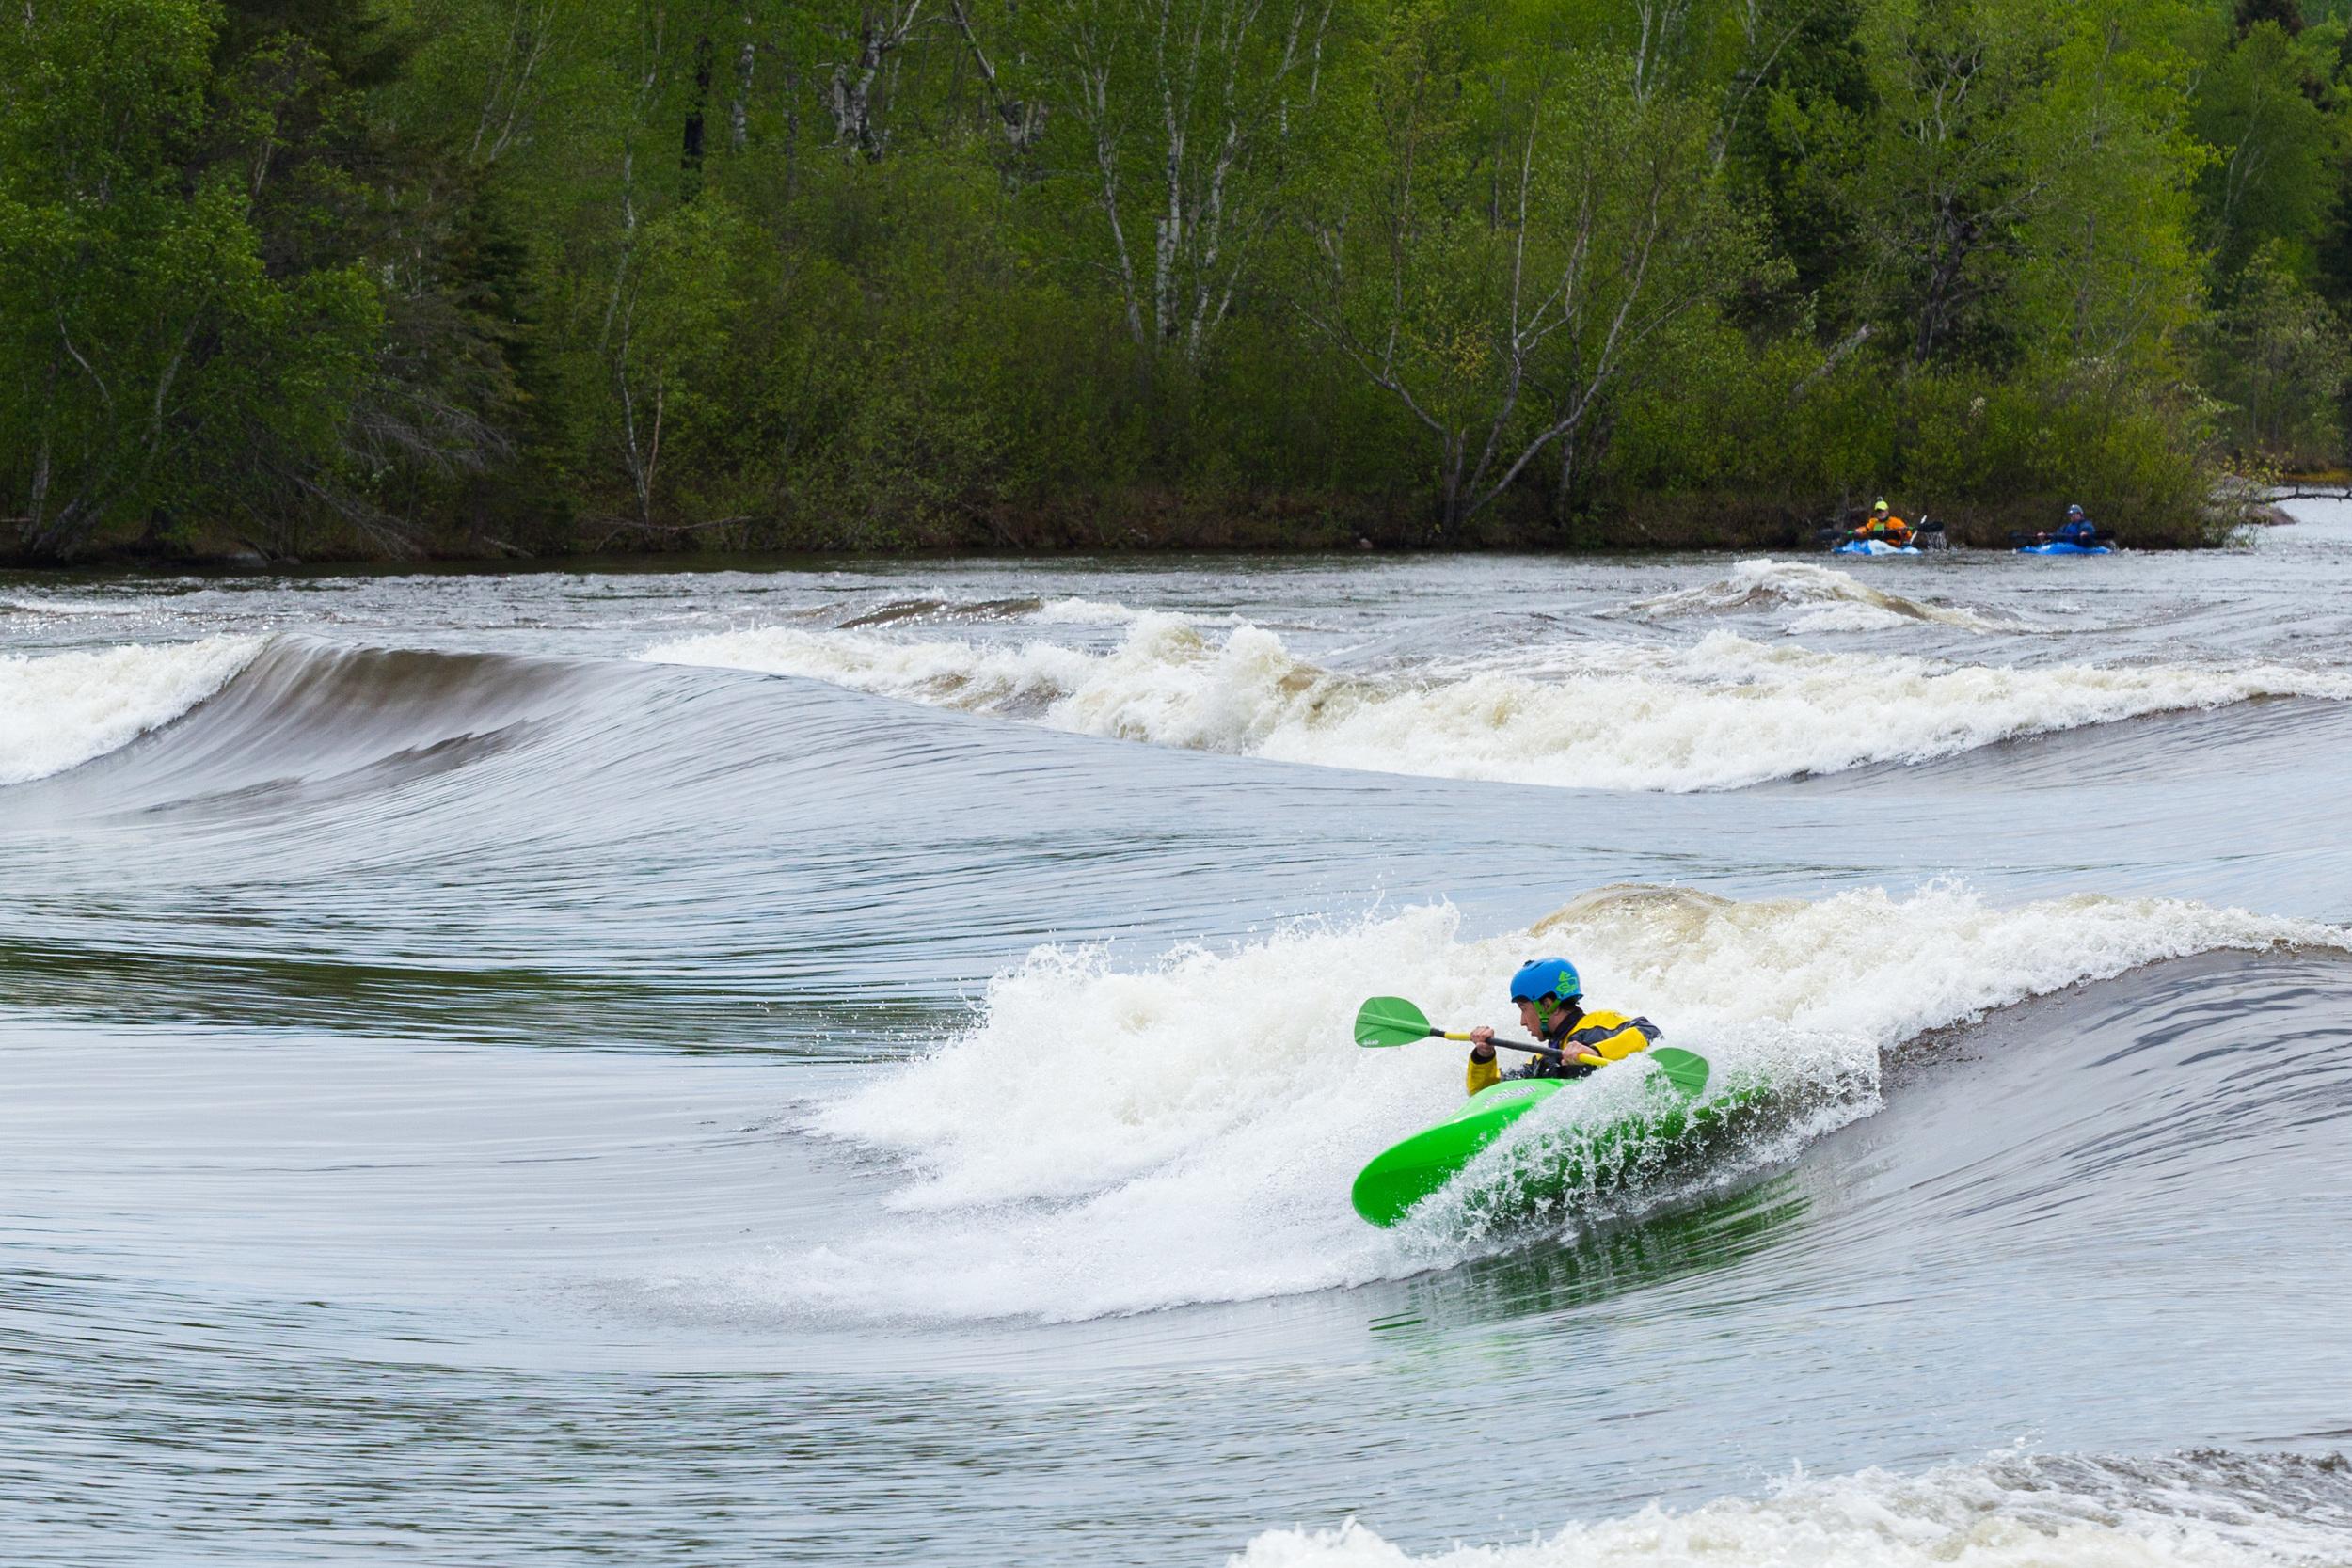 Steve on Surfers 1